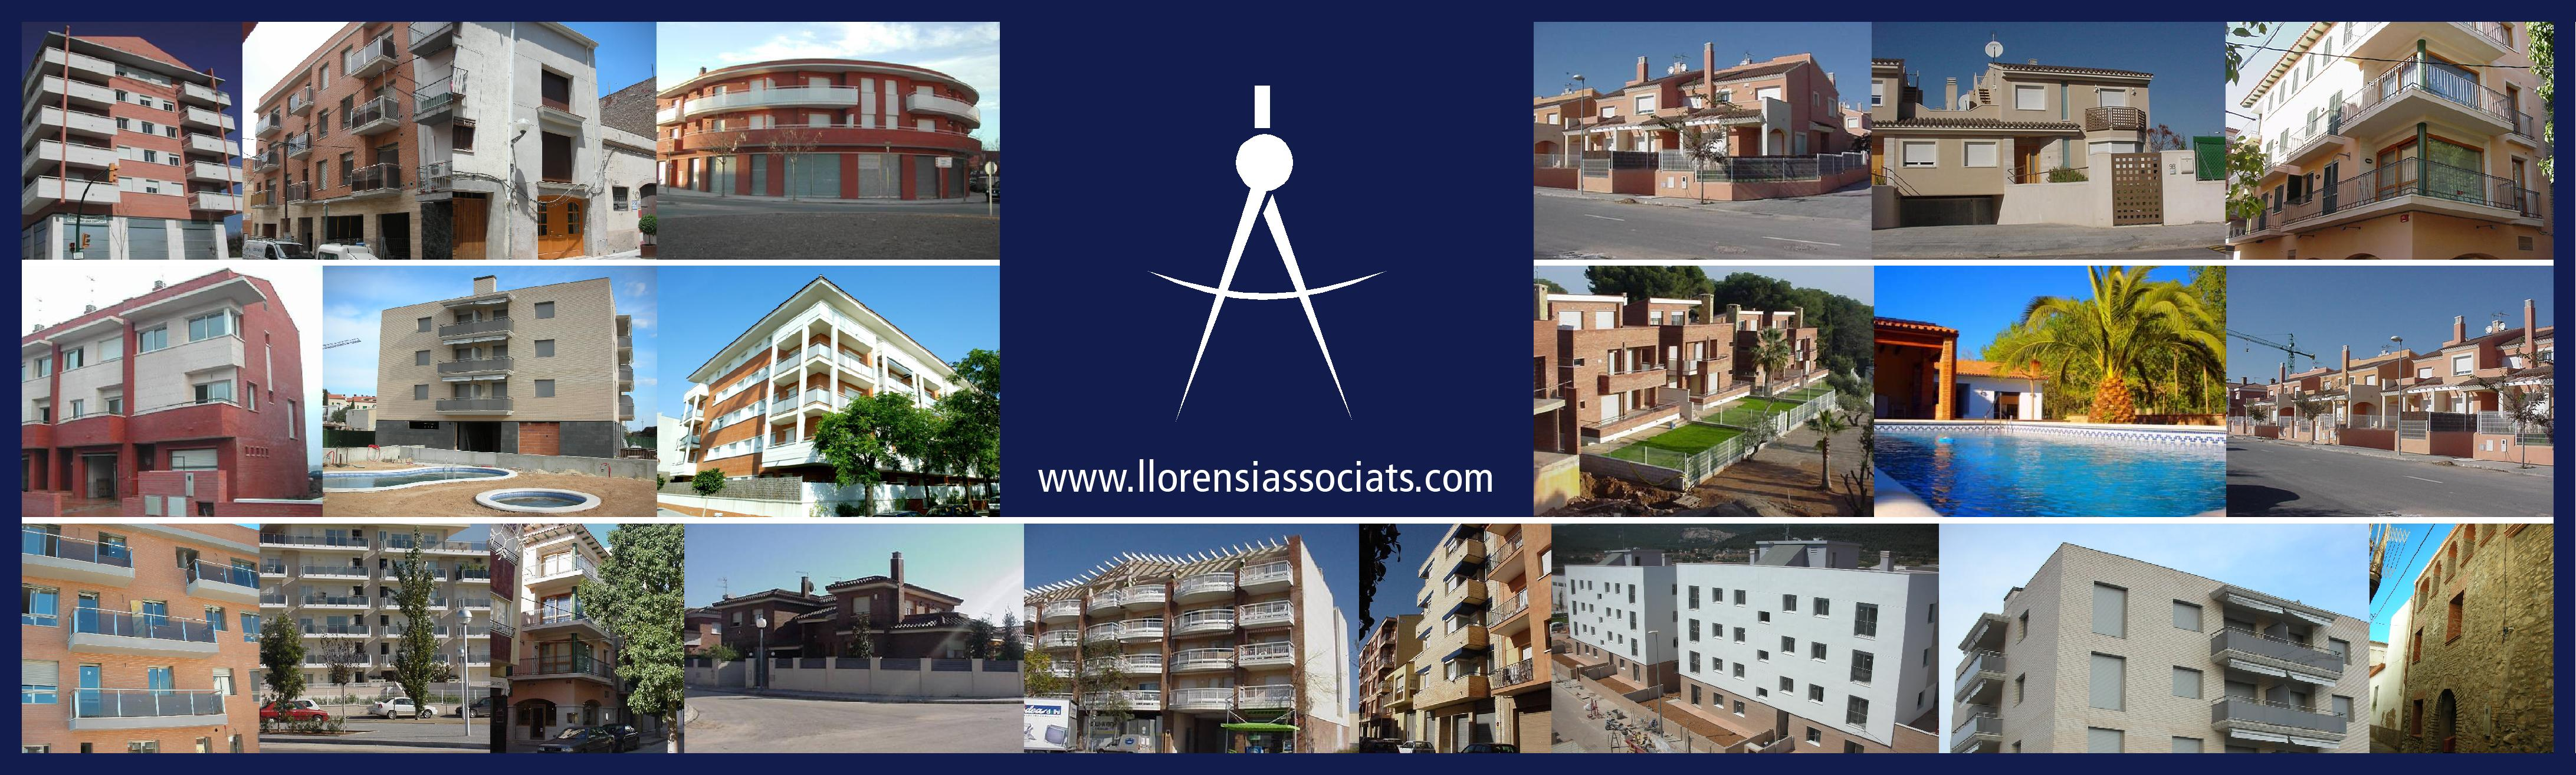 Llorens & Associats